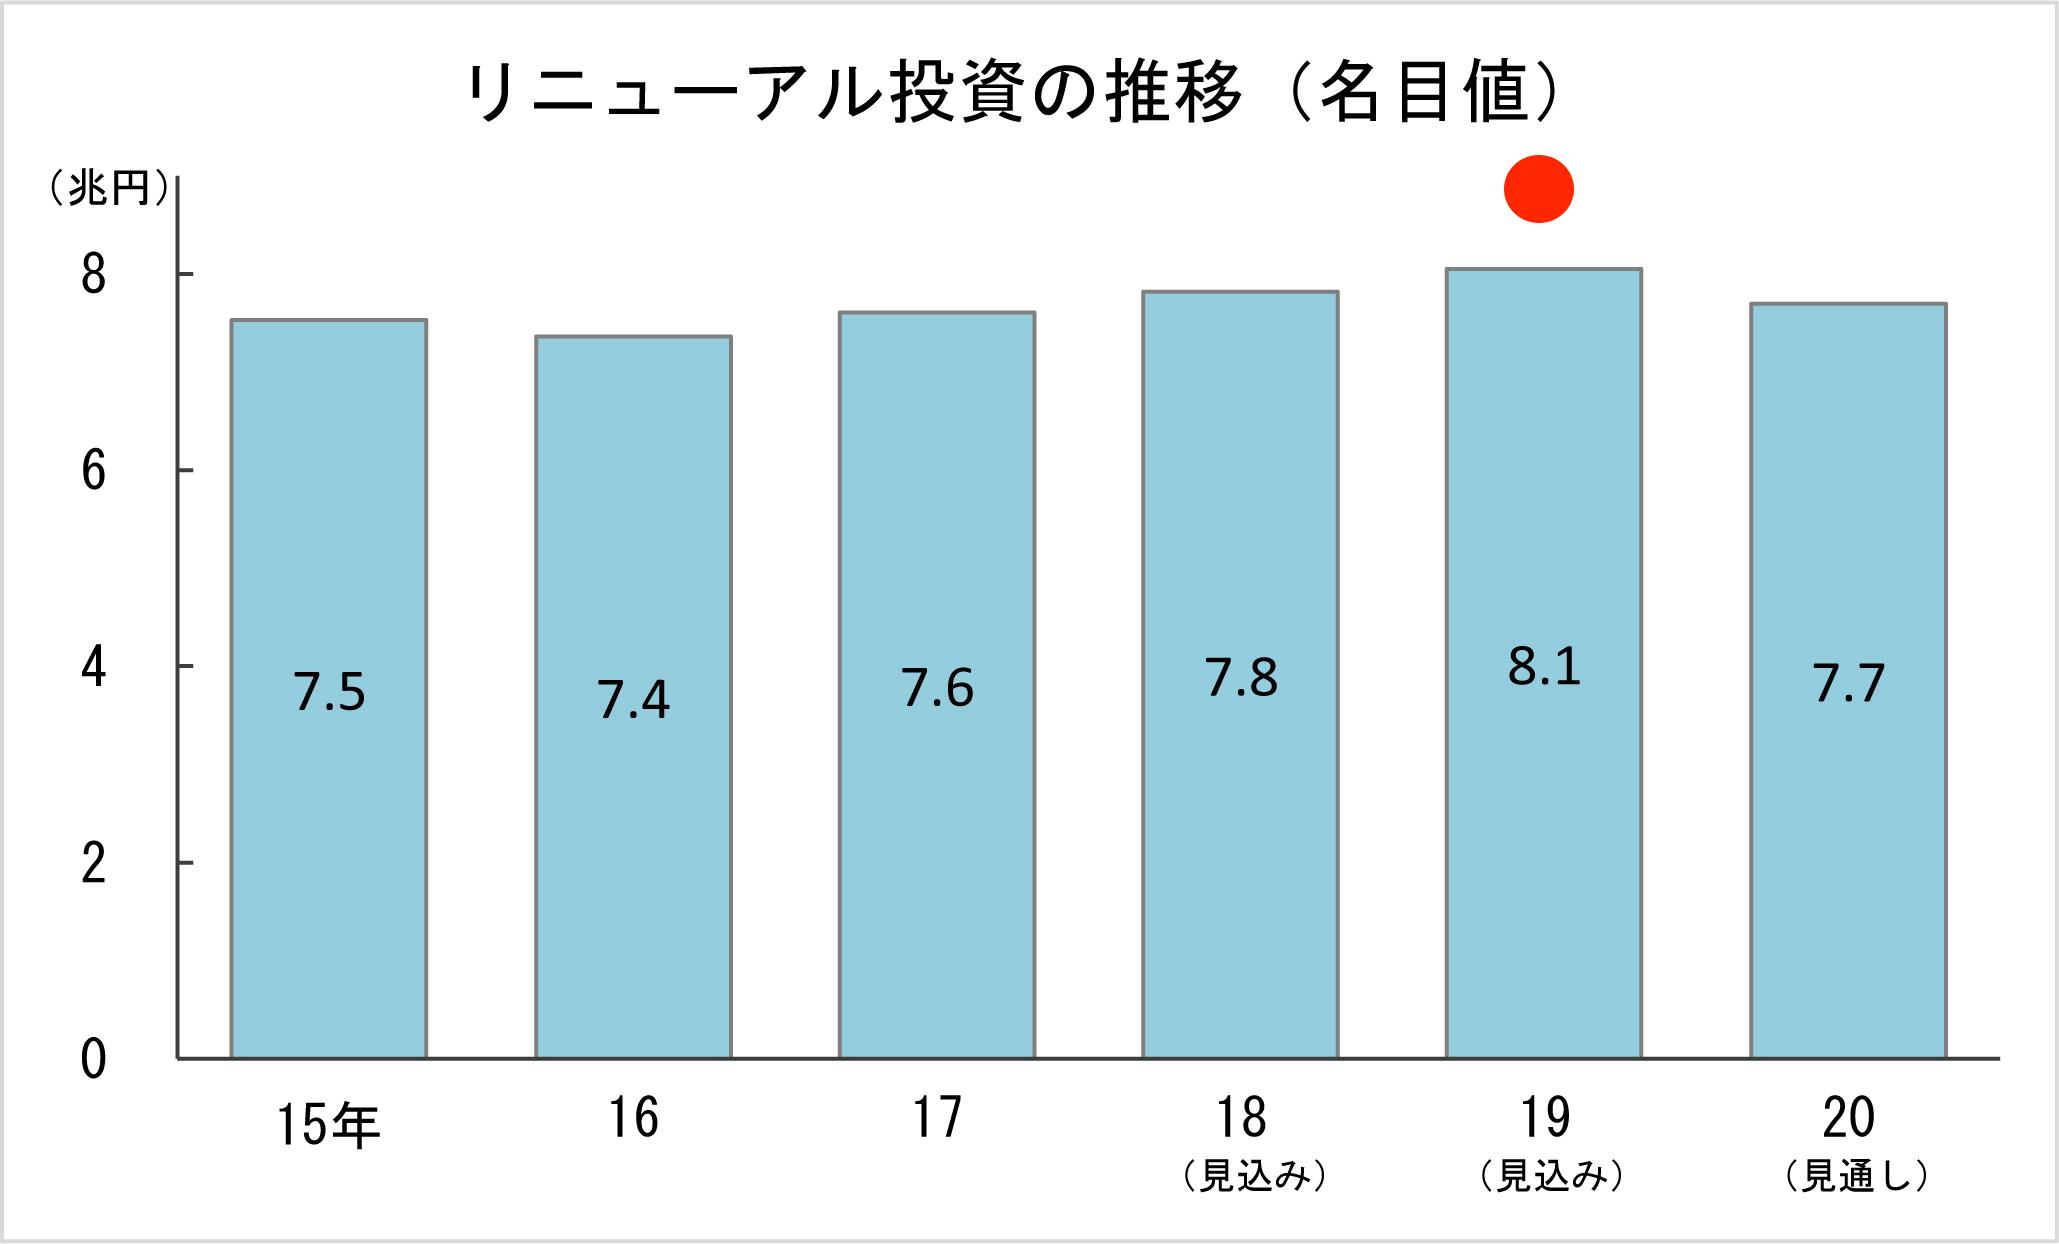 2-4 リニューアル投資の推移(名目値)